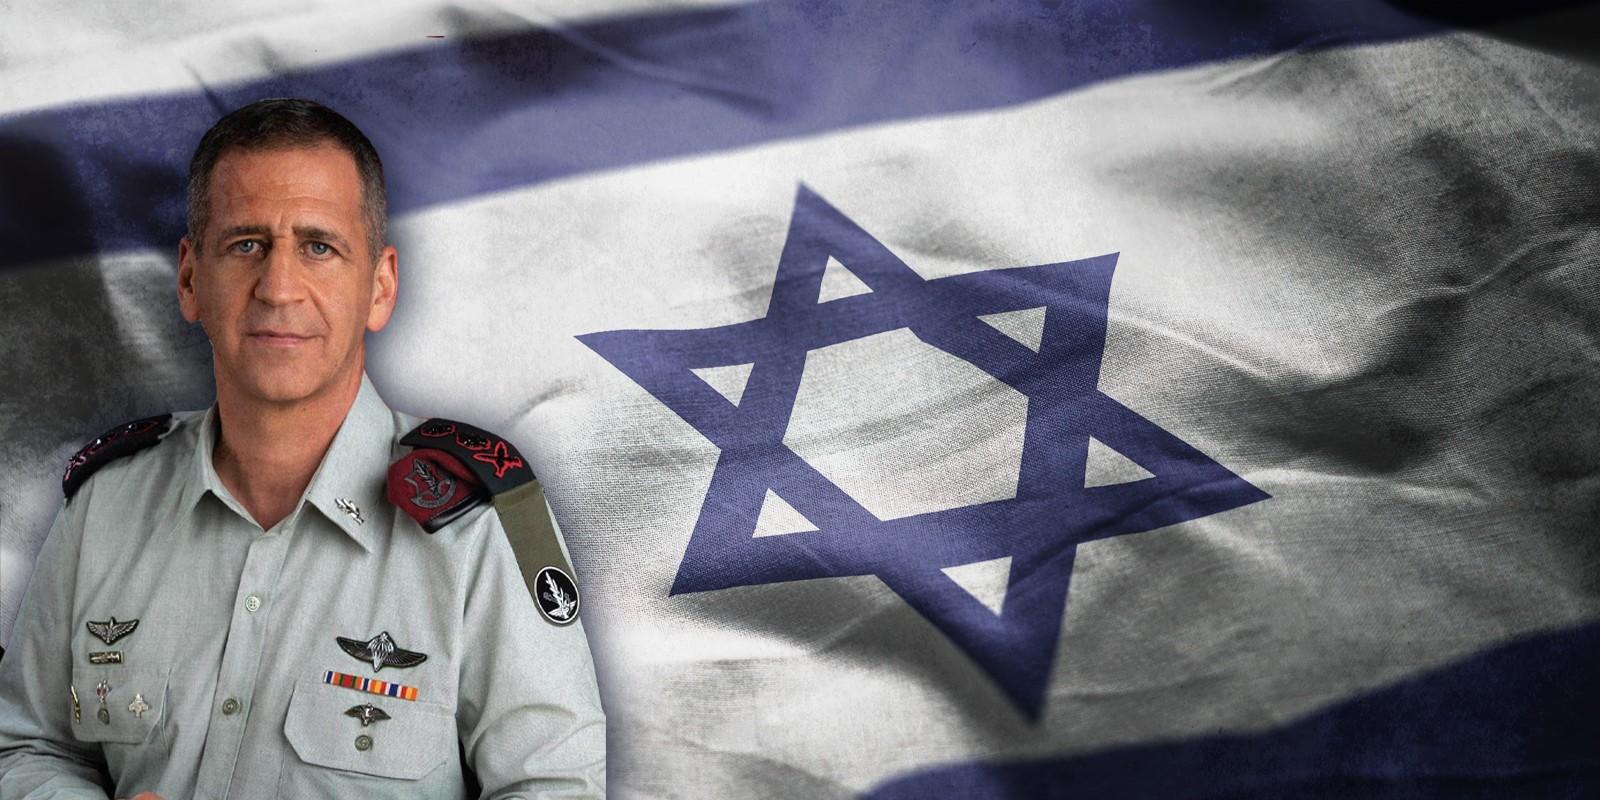 רמטכ״ל -אביב כוכבי, מאחוריו דגל ישראל